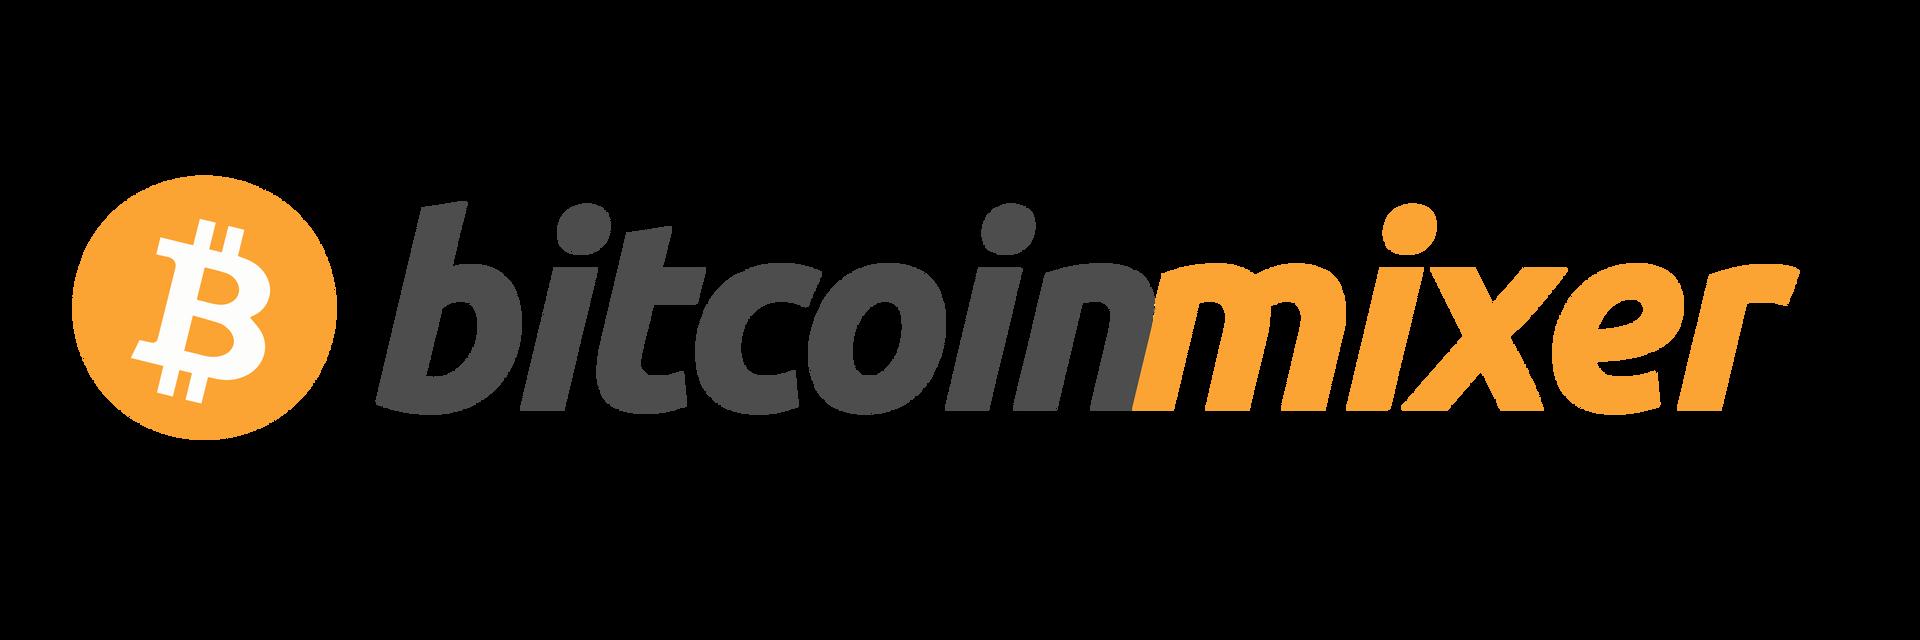 Bitcoin Mixer Logo.png